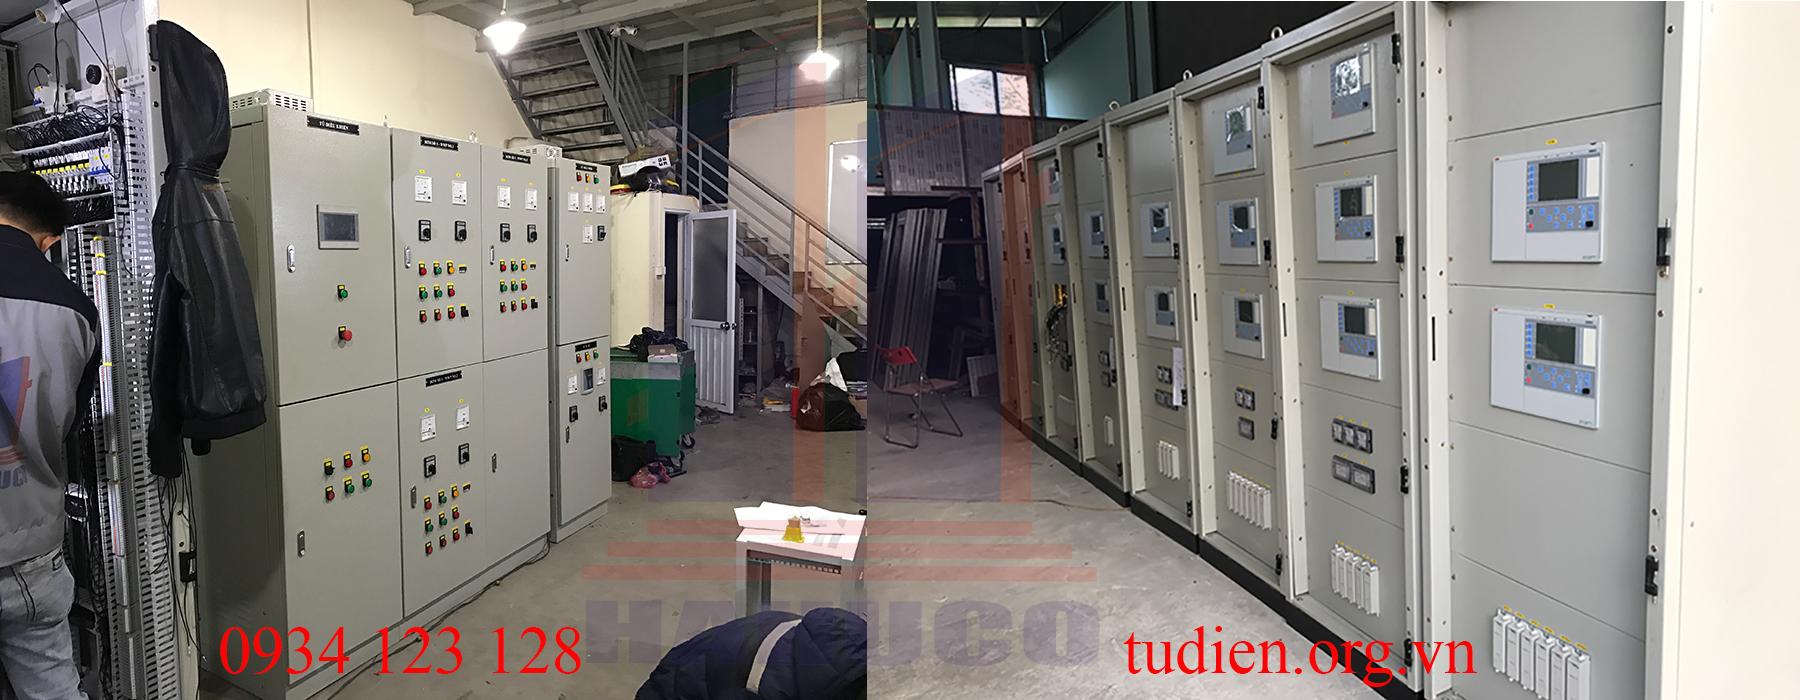 Tủ điện 2 lớp cánh chất lượng cao